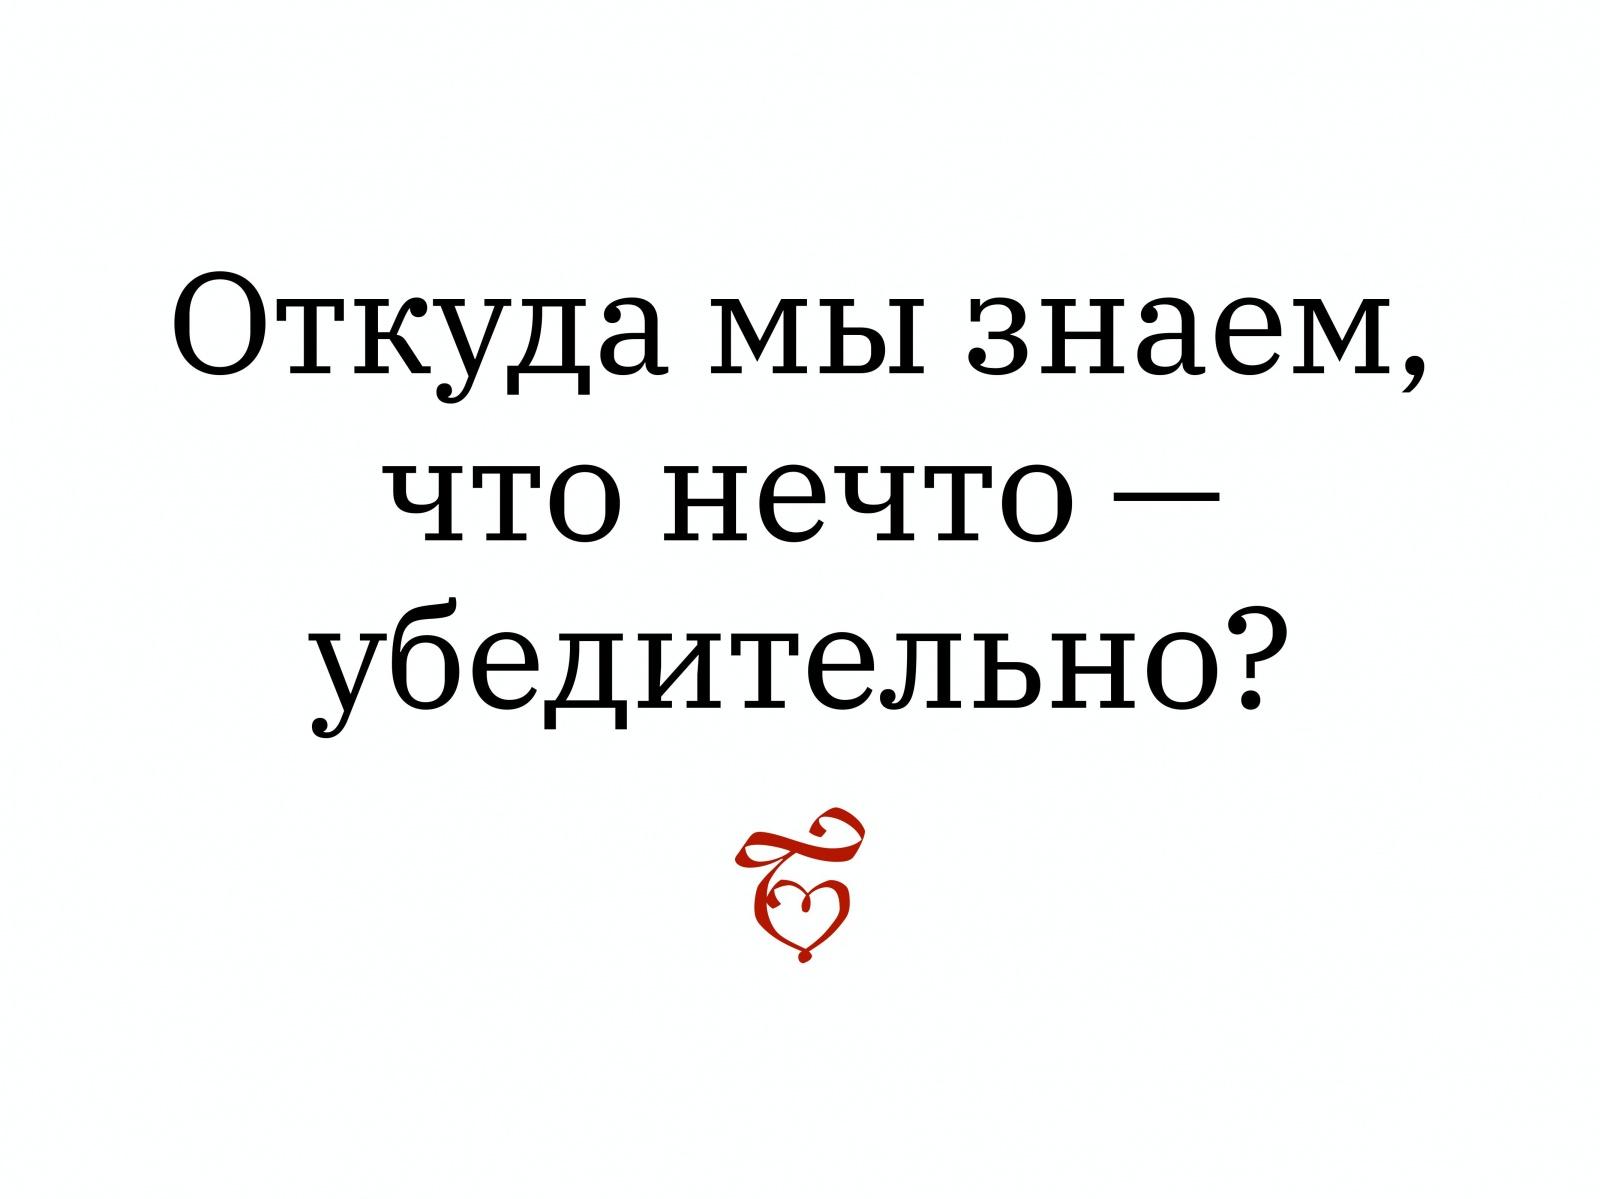 Алексей Каптерев: Критическое мышление 101 (часть 2) - 18